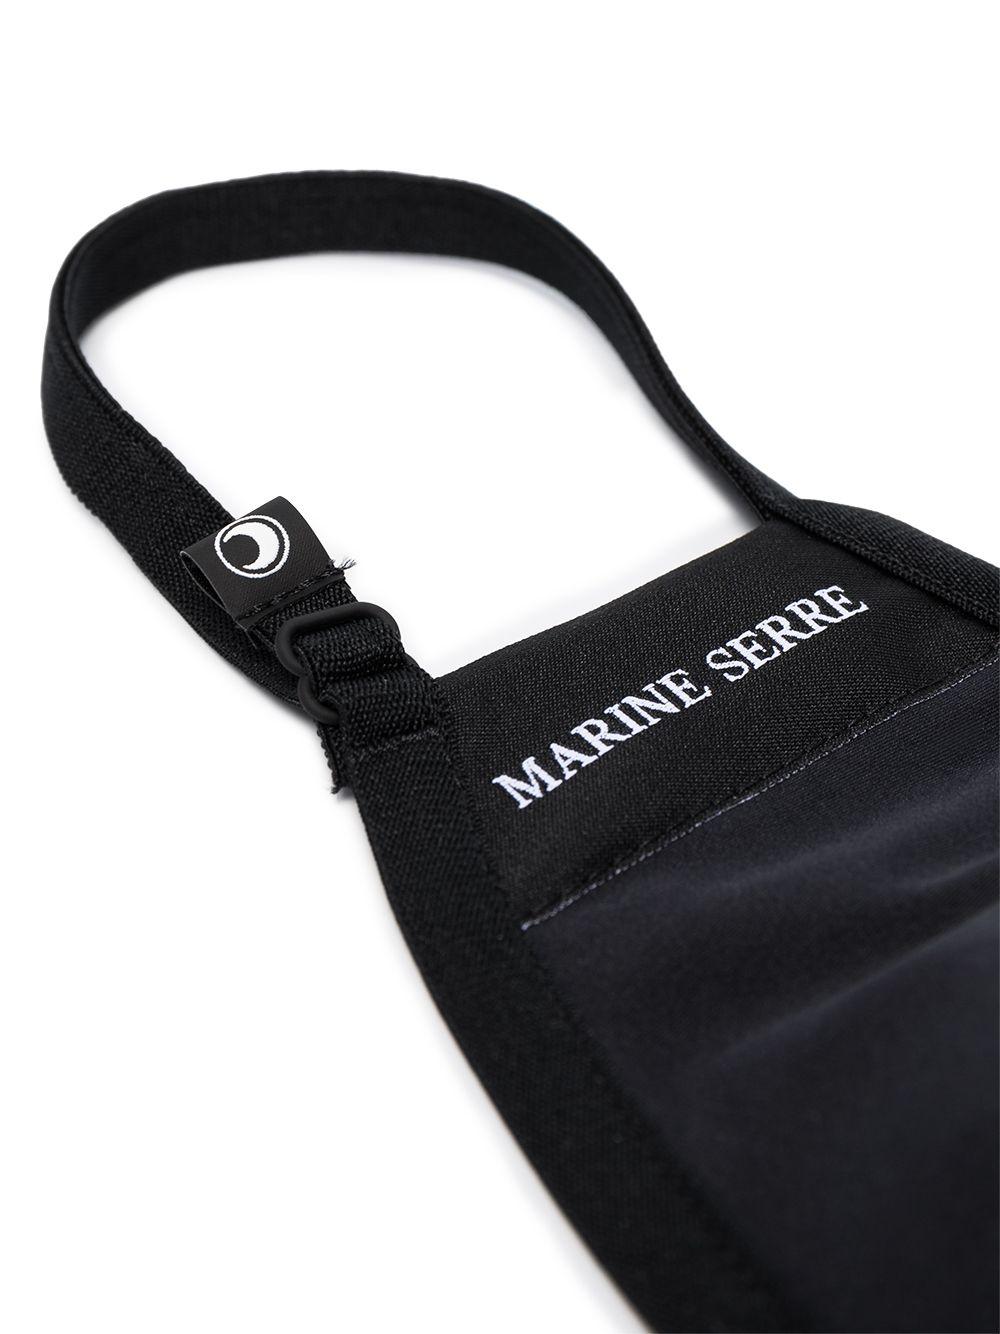 MASCHERINA CON LOGO MARINE SERRE | Mascherine | A059ICONX622-0